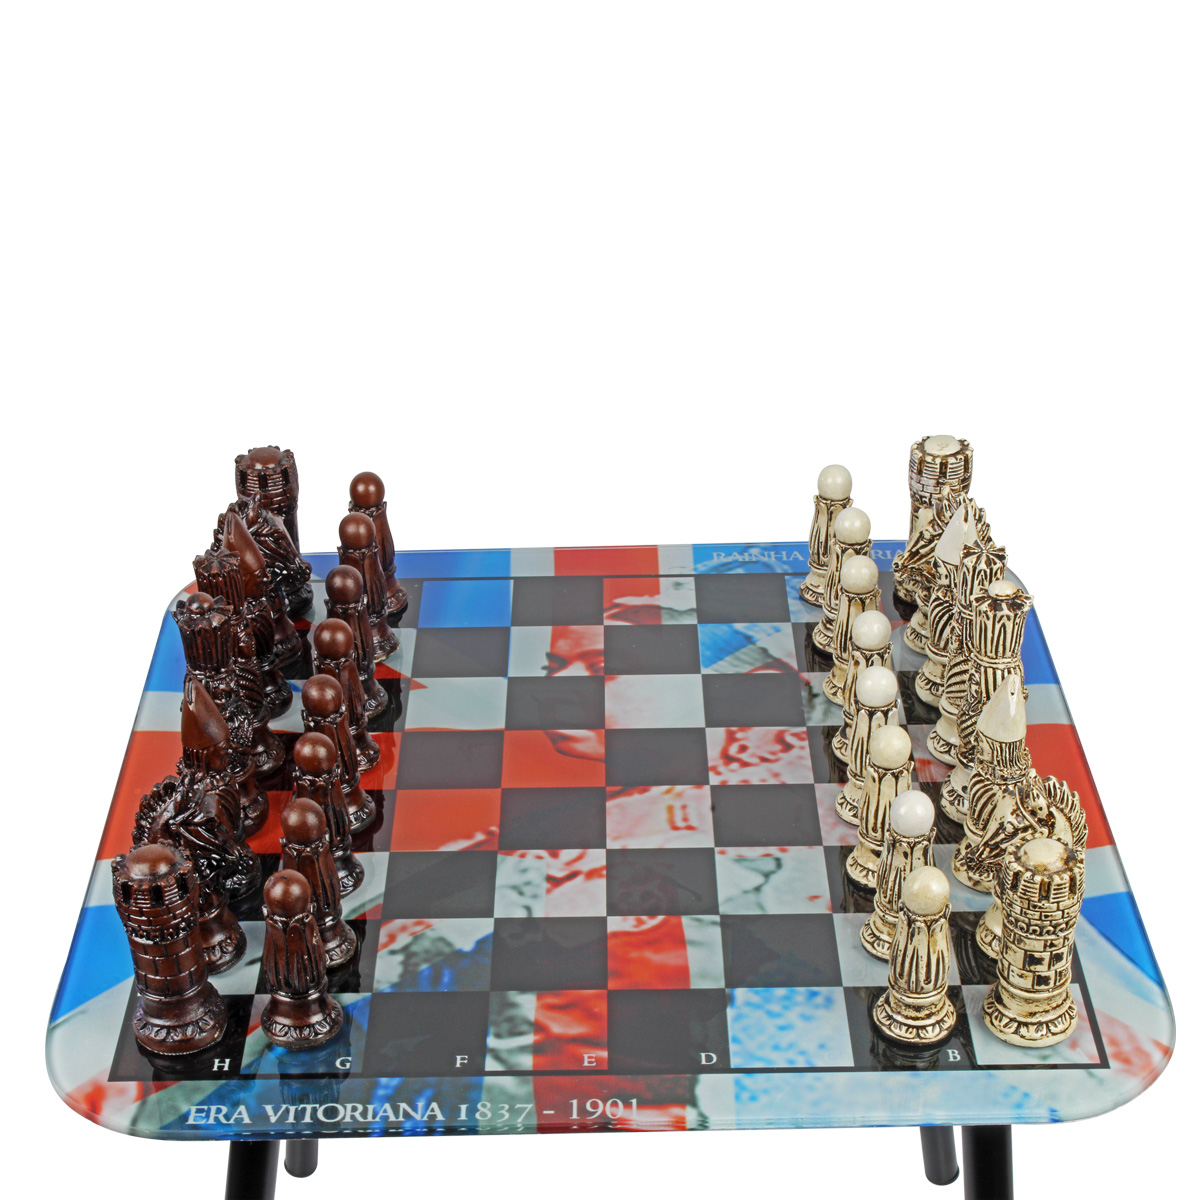 Tabuleiro de Xadrez + 32 Peças Exclusivas Era Vitoriana